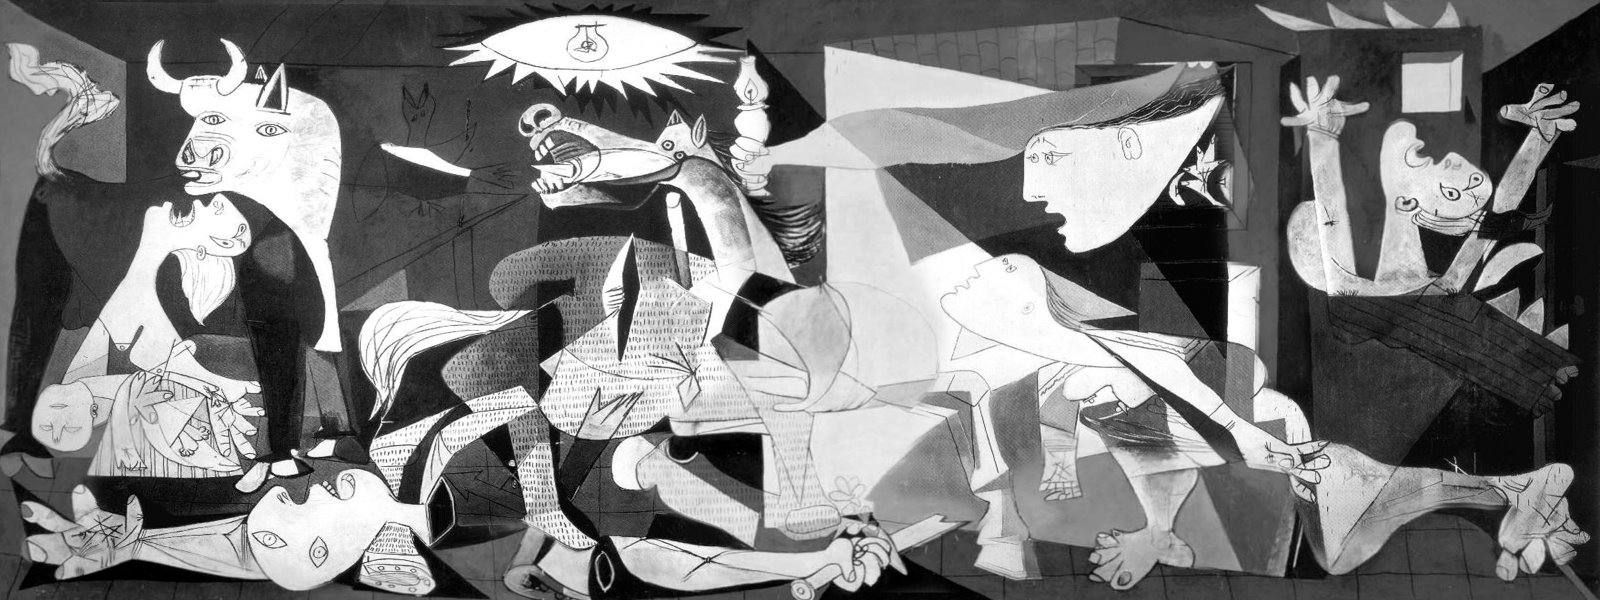 http://2.bp.blogspot.com/_z7_MSQFE4dg/TN1A7ZkRIXI/AAAAAAAAAoA/rTJ7rQtt97k/s1600/Guernica-%2BPicasso.jpg